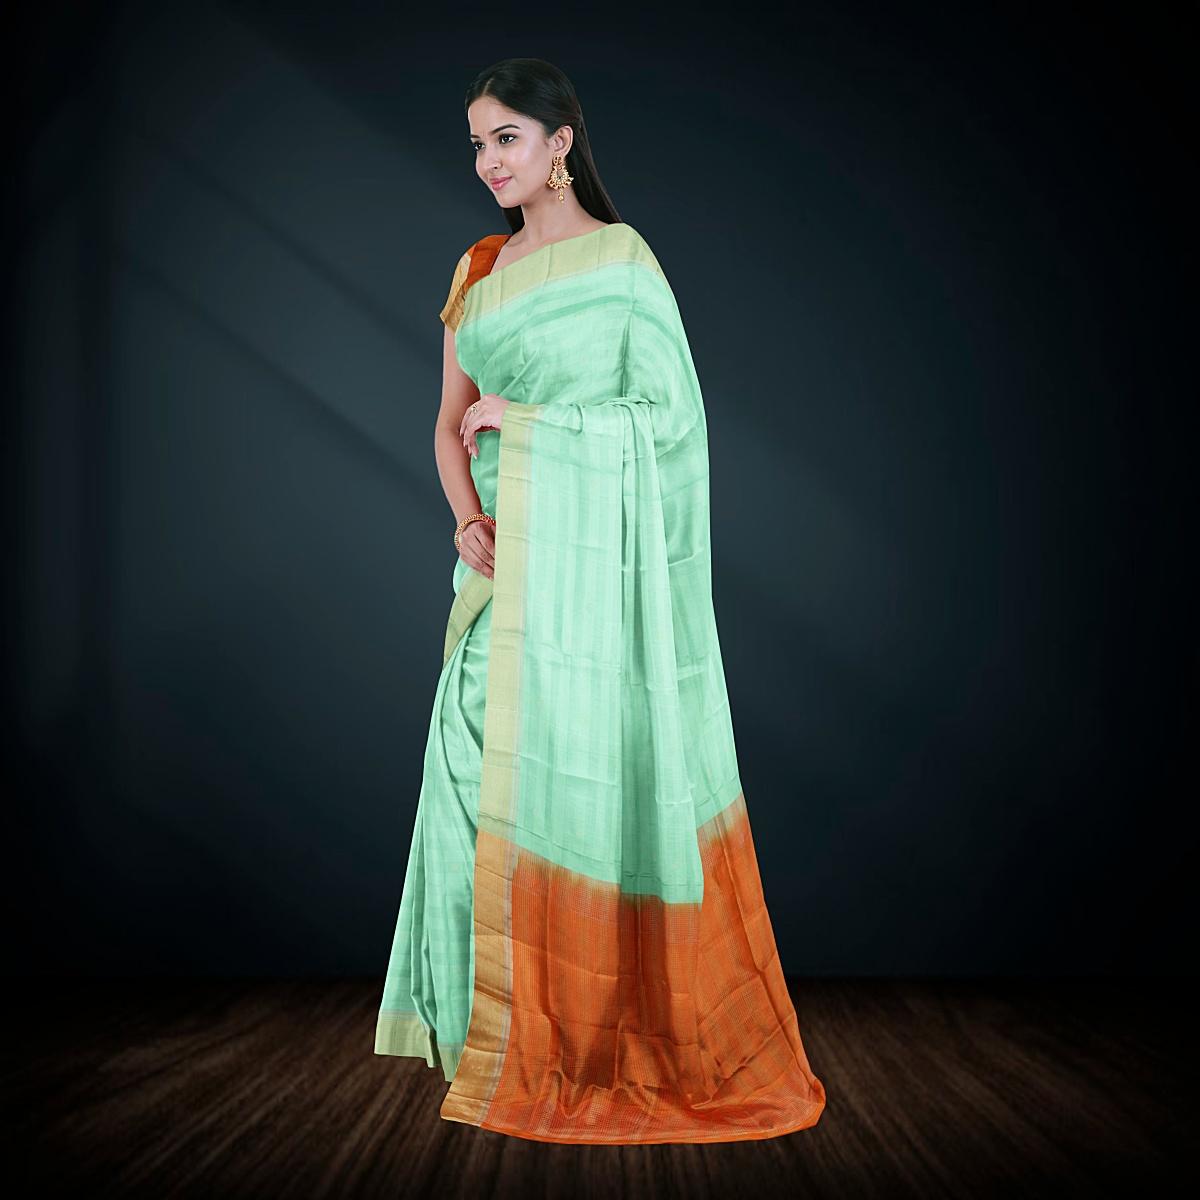 Tri3d Softsilk8 Silk Set3 Pujitha Side 2020 7 24 16 3 48 1200x1200 Kanjivaram Silk Sarees In Chennai